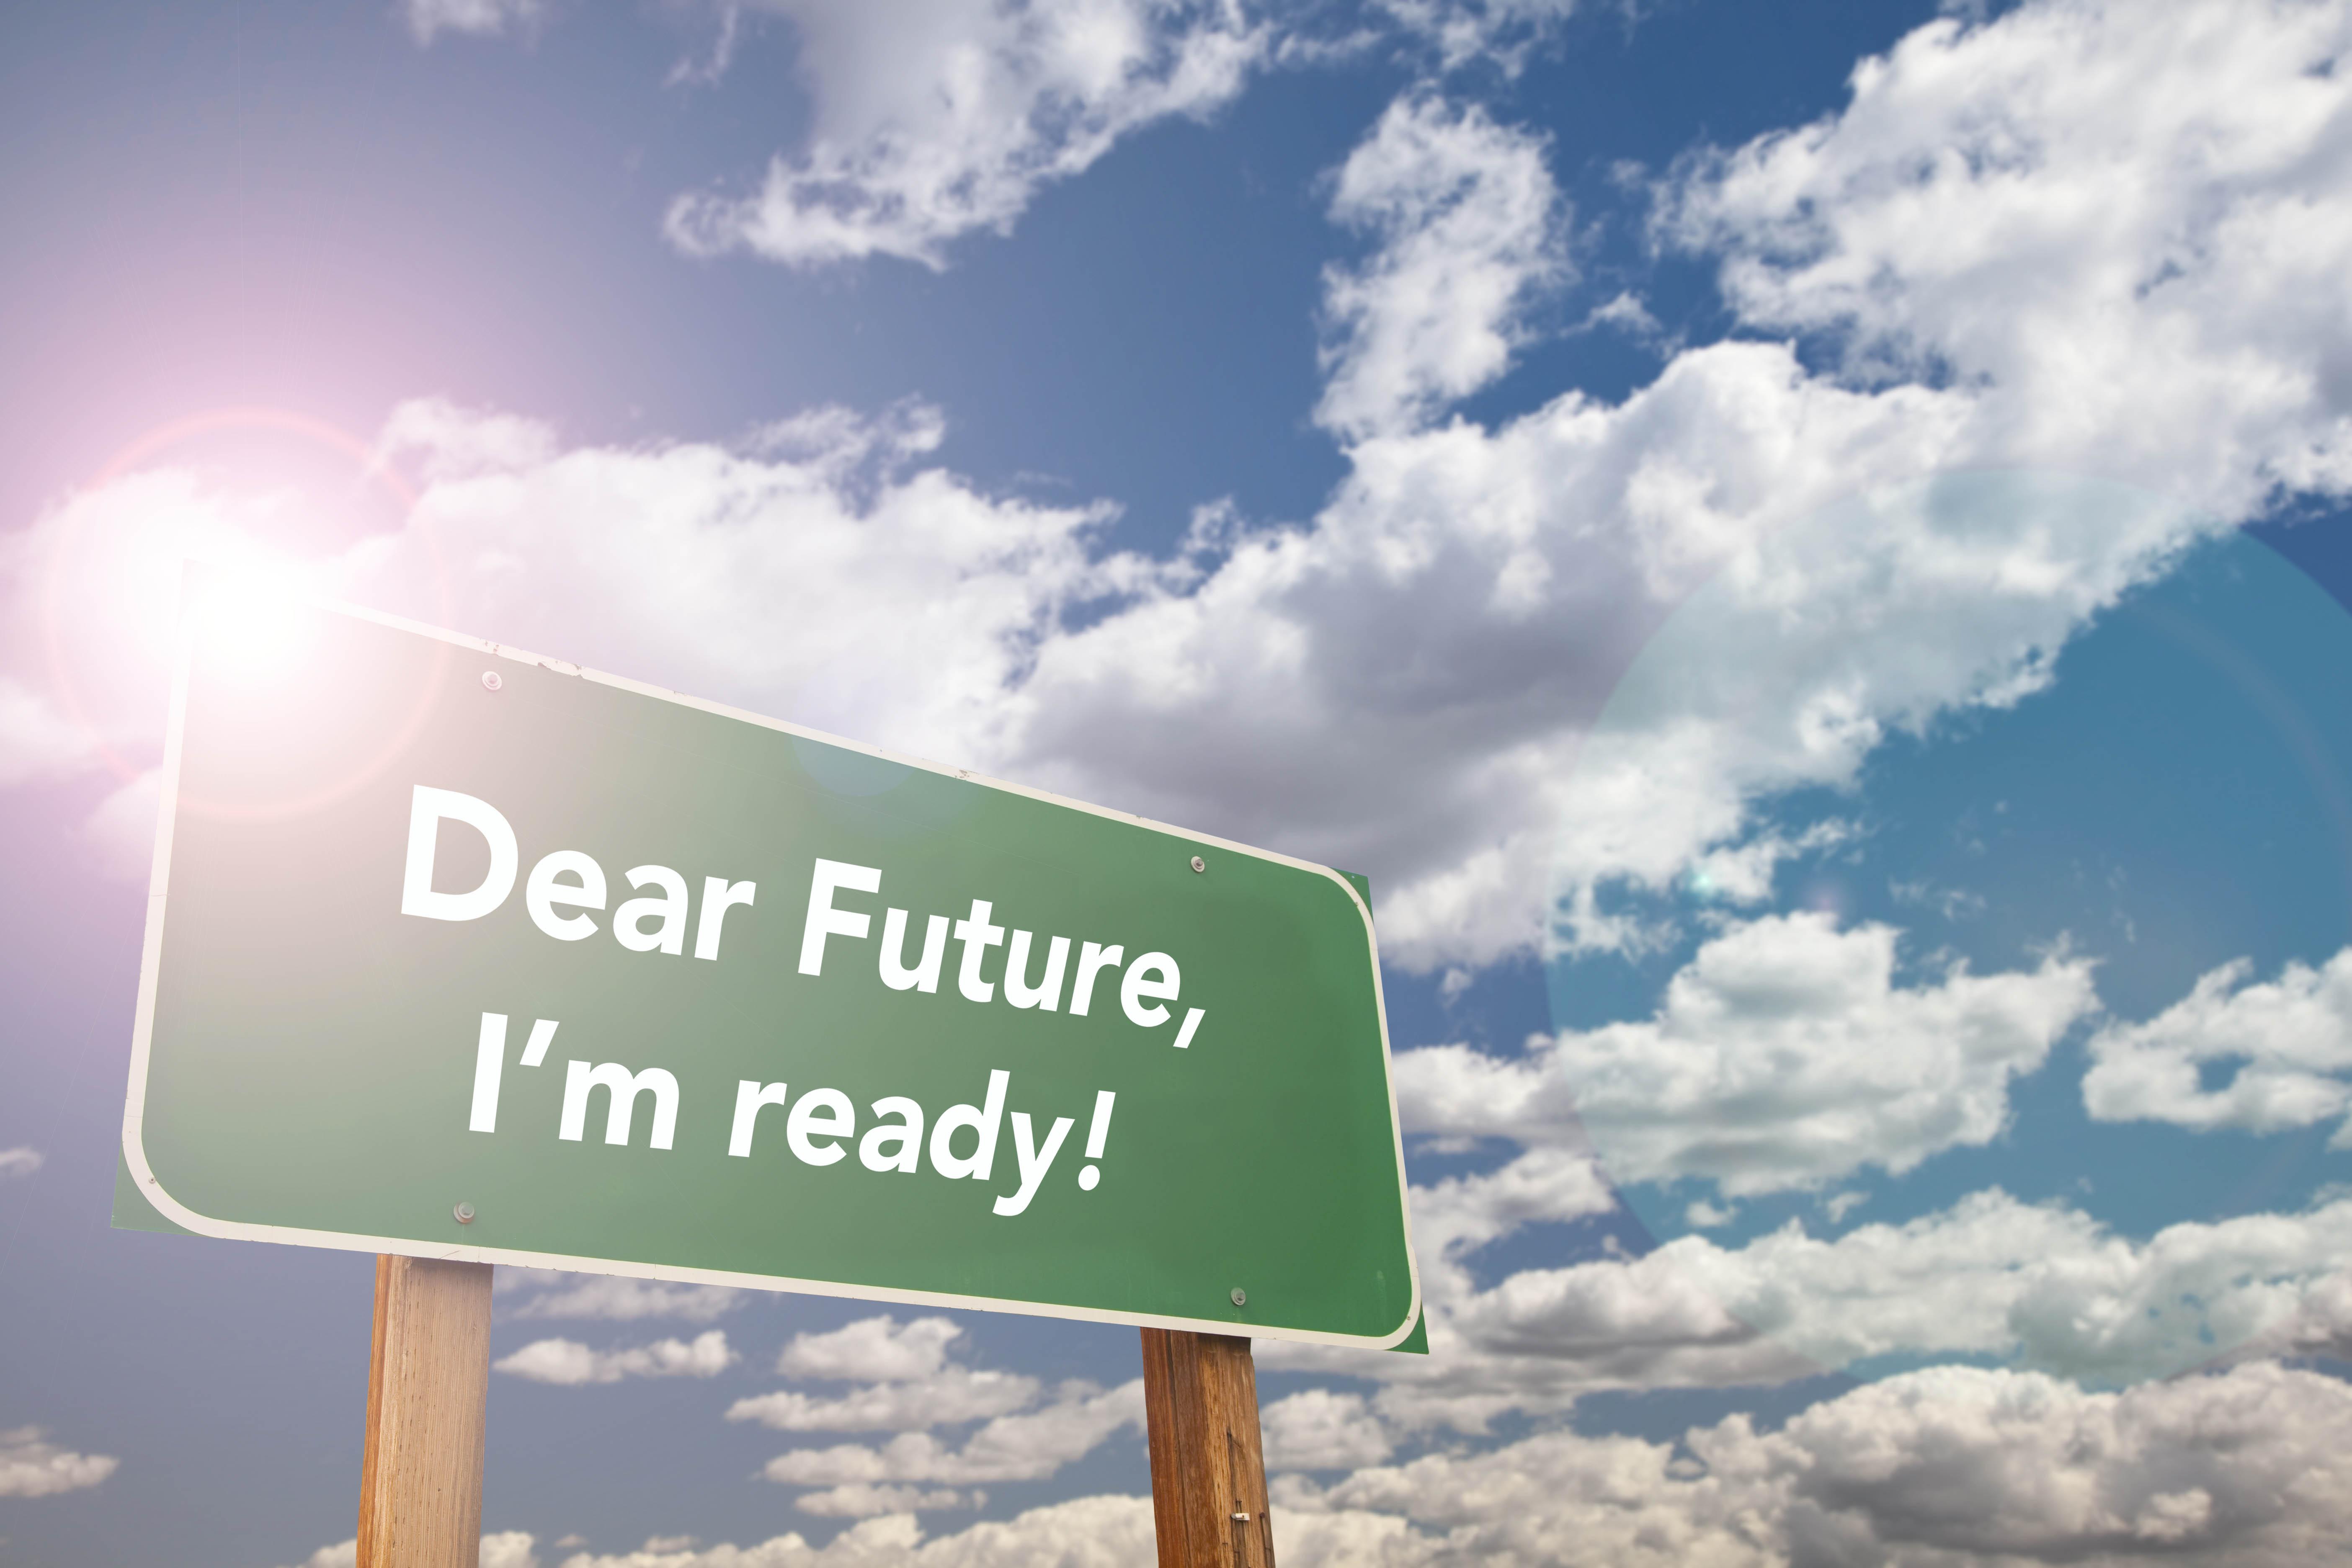 Dear Future, I'm Ready